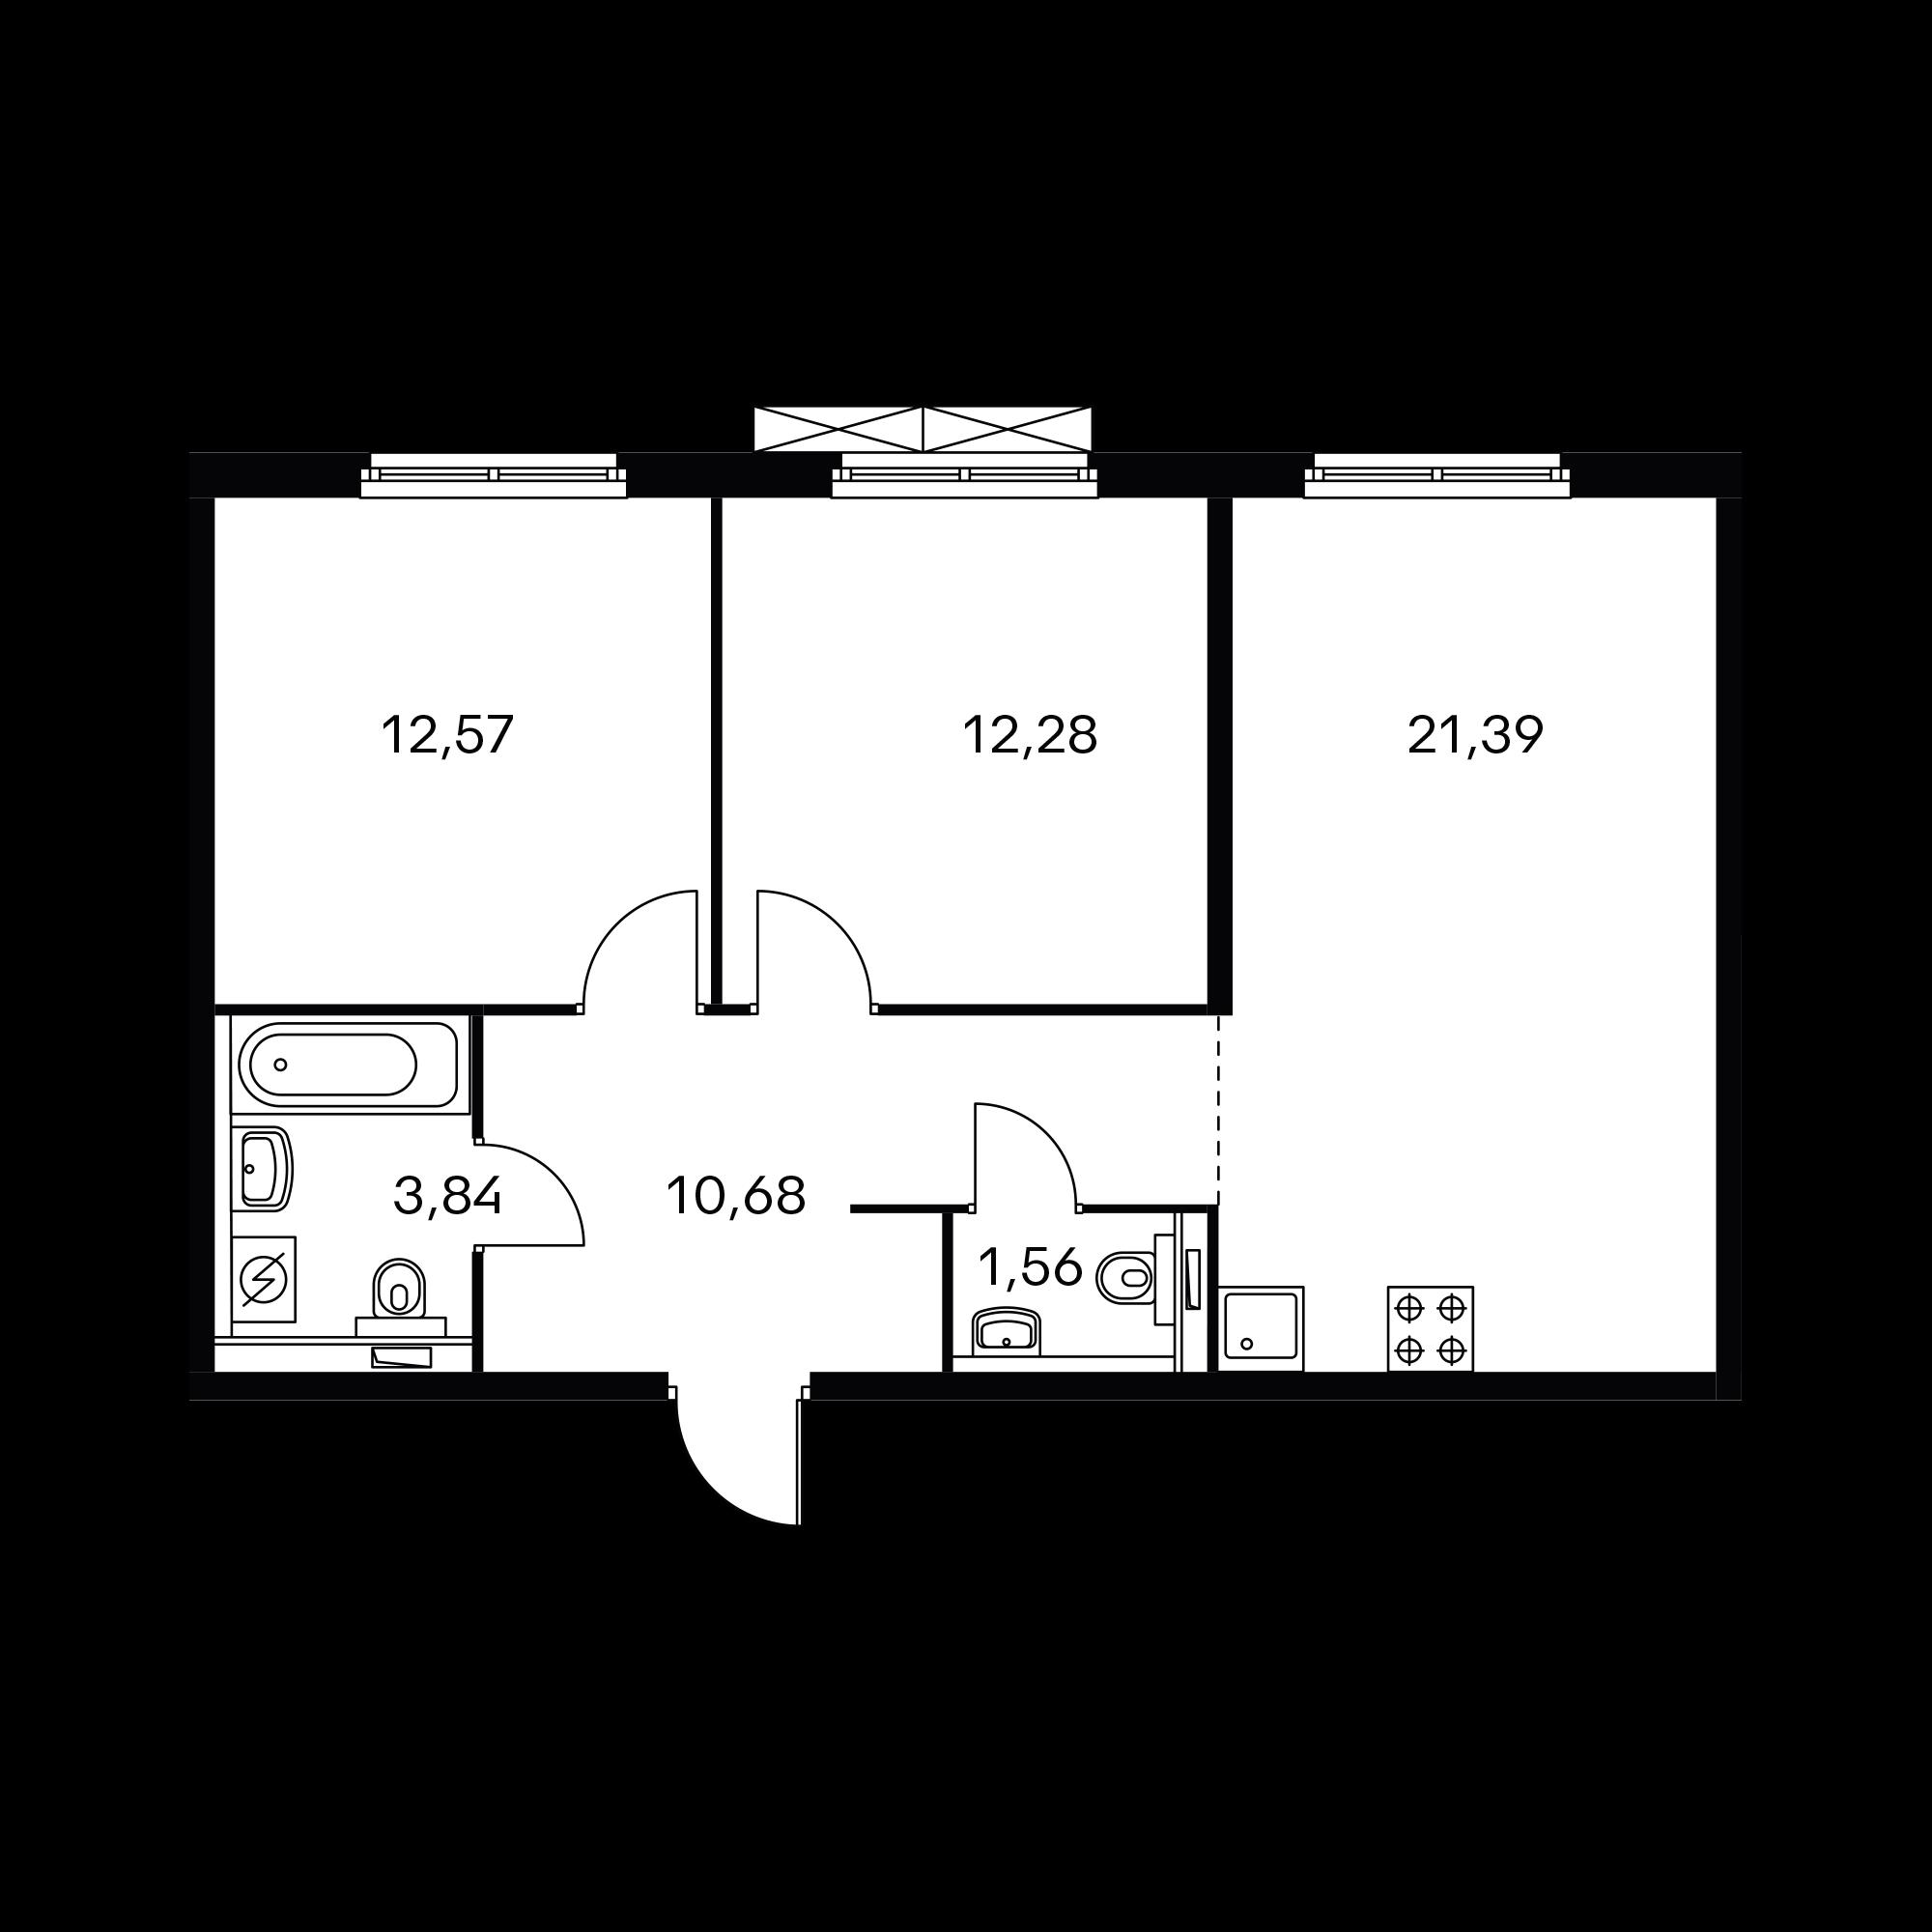 2EL8_10.8-1_S_Z1